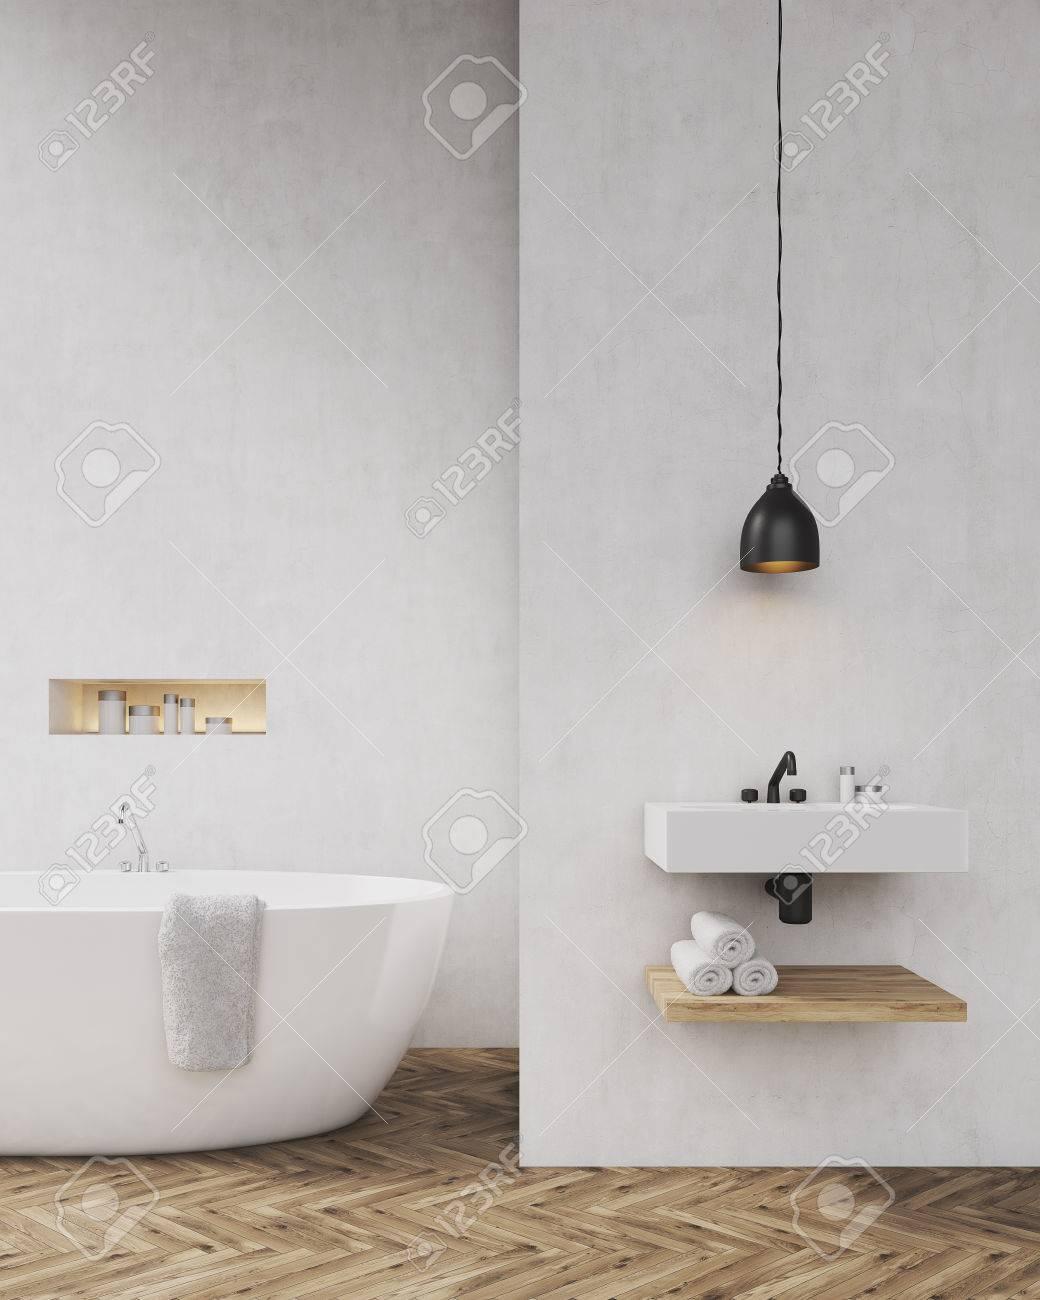 Badezimmer Mit Hellgrauen Wänden, Badewanne, Waschbecken Und  Handtuchablage. Konzept Der Luxus Interieur